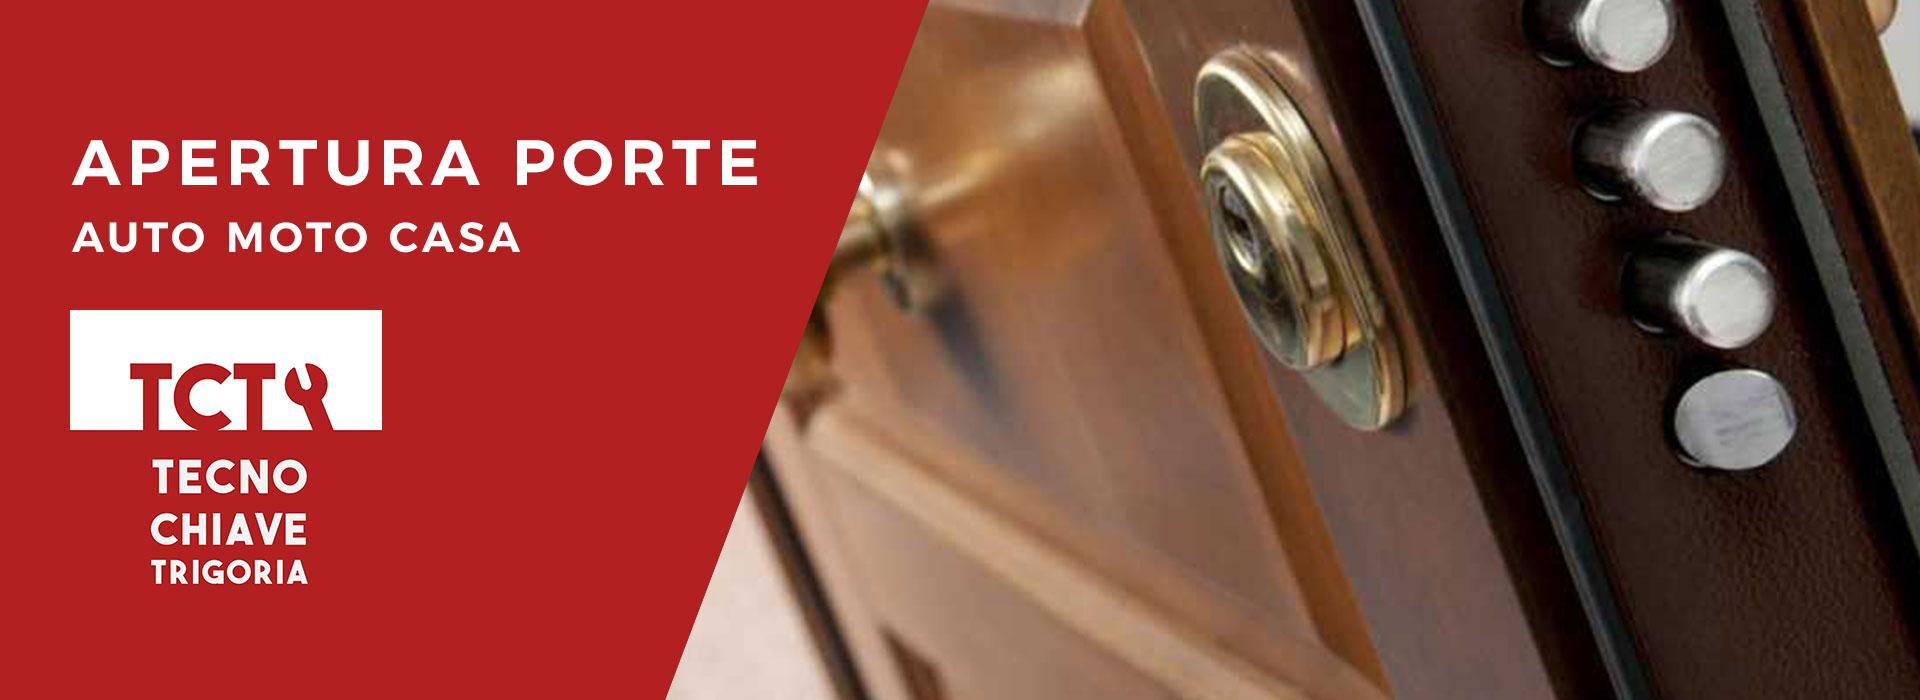 Apertura Porte Auto Moto Case